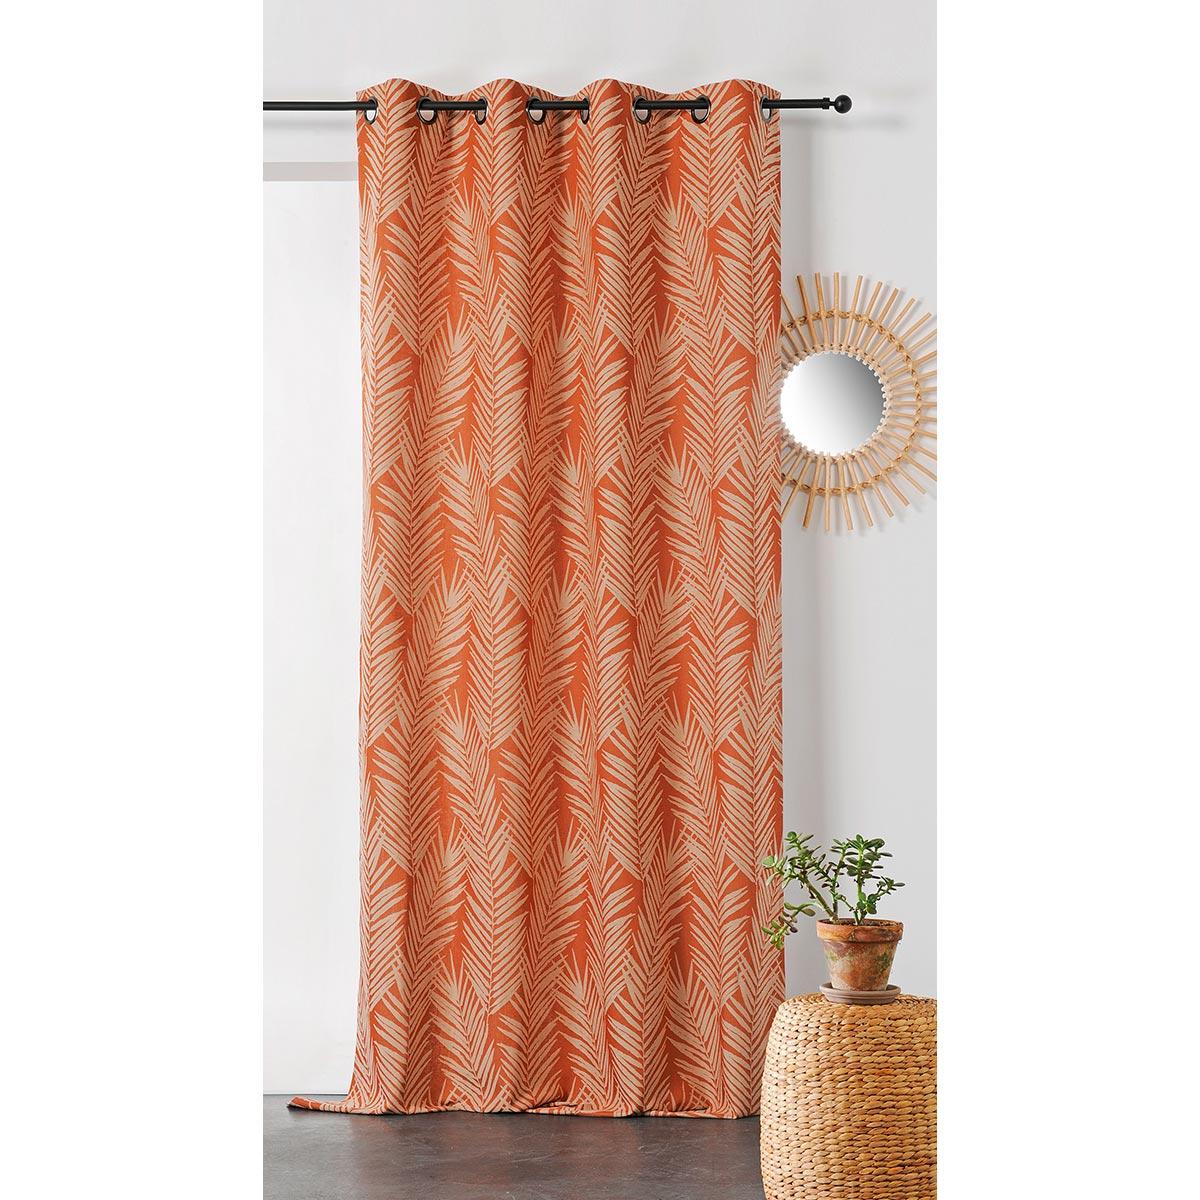 Rideau imprimé feuille de palmier coton orange 240x140